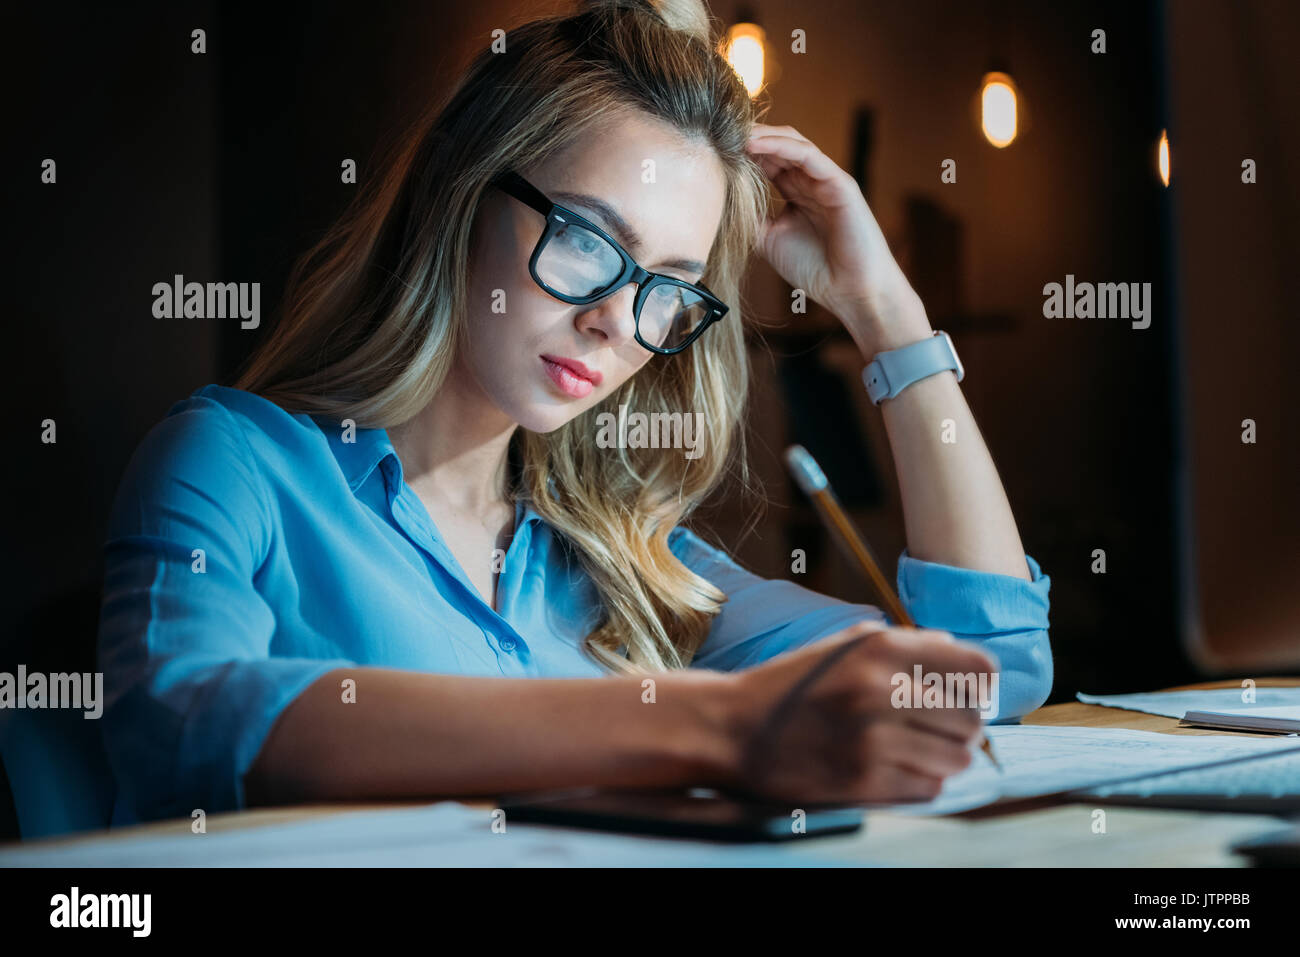 Müde blond kaukasischen Student in Brillen etwas Schreiben mit Bleistift und Studieren bis spät Stockbild